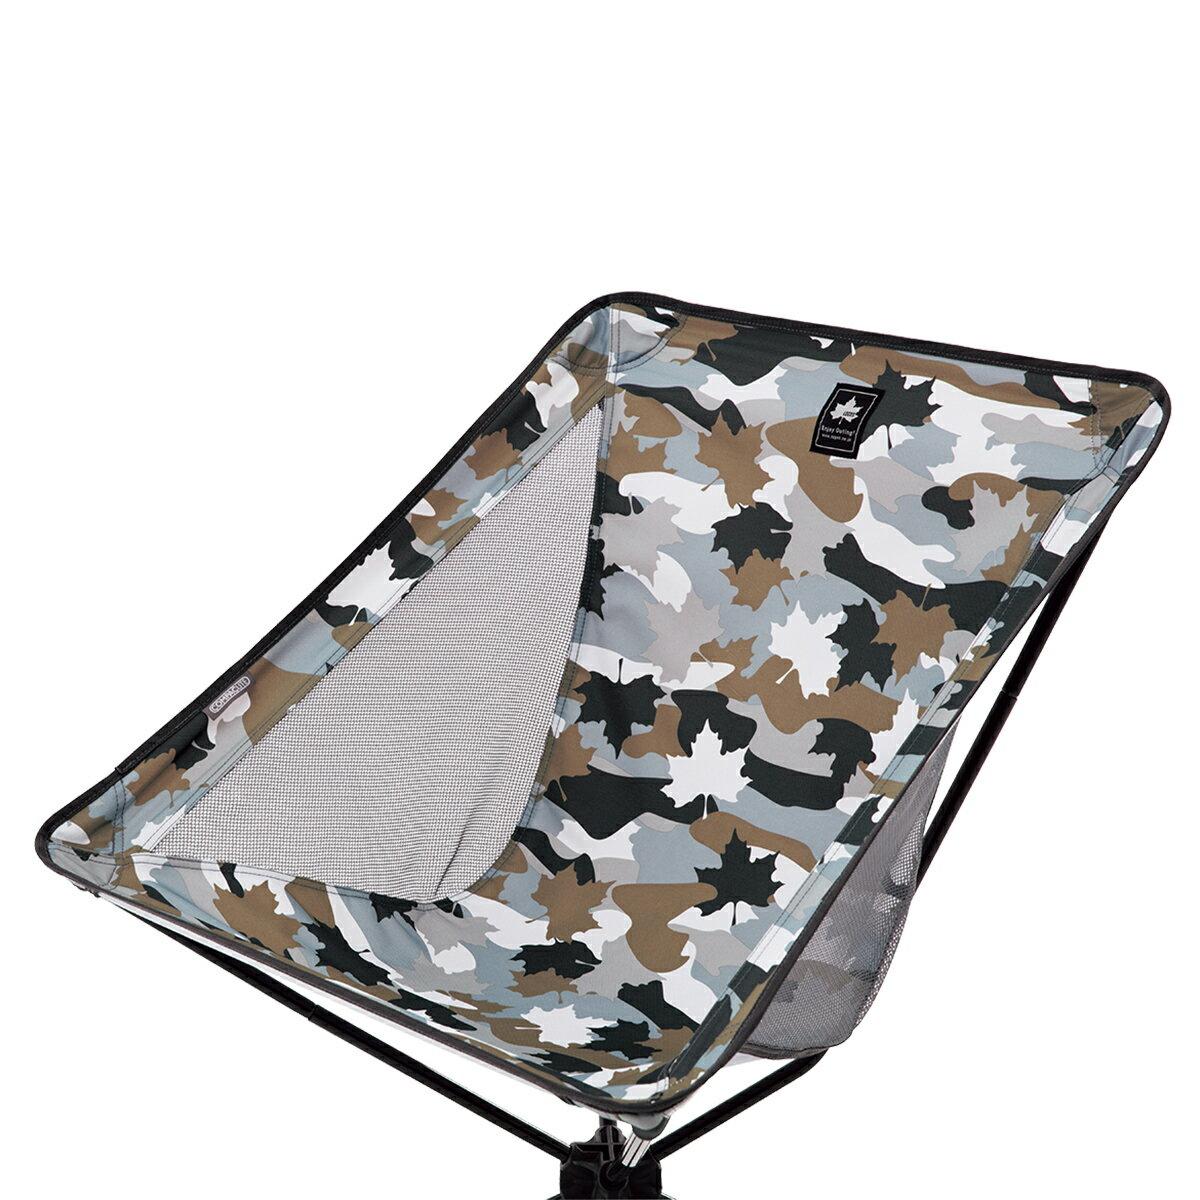 LOGOS/ロゴス コンパクトバケットチェアXL(カモフラ)チェア 椅子 ワイドサイズで長時間座っても疲れない 折りたたみ収納なので超コンパクトに収納可能